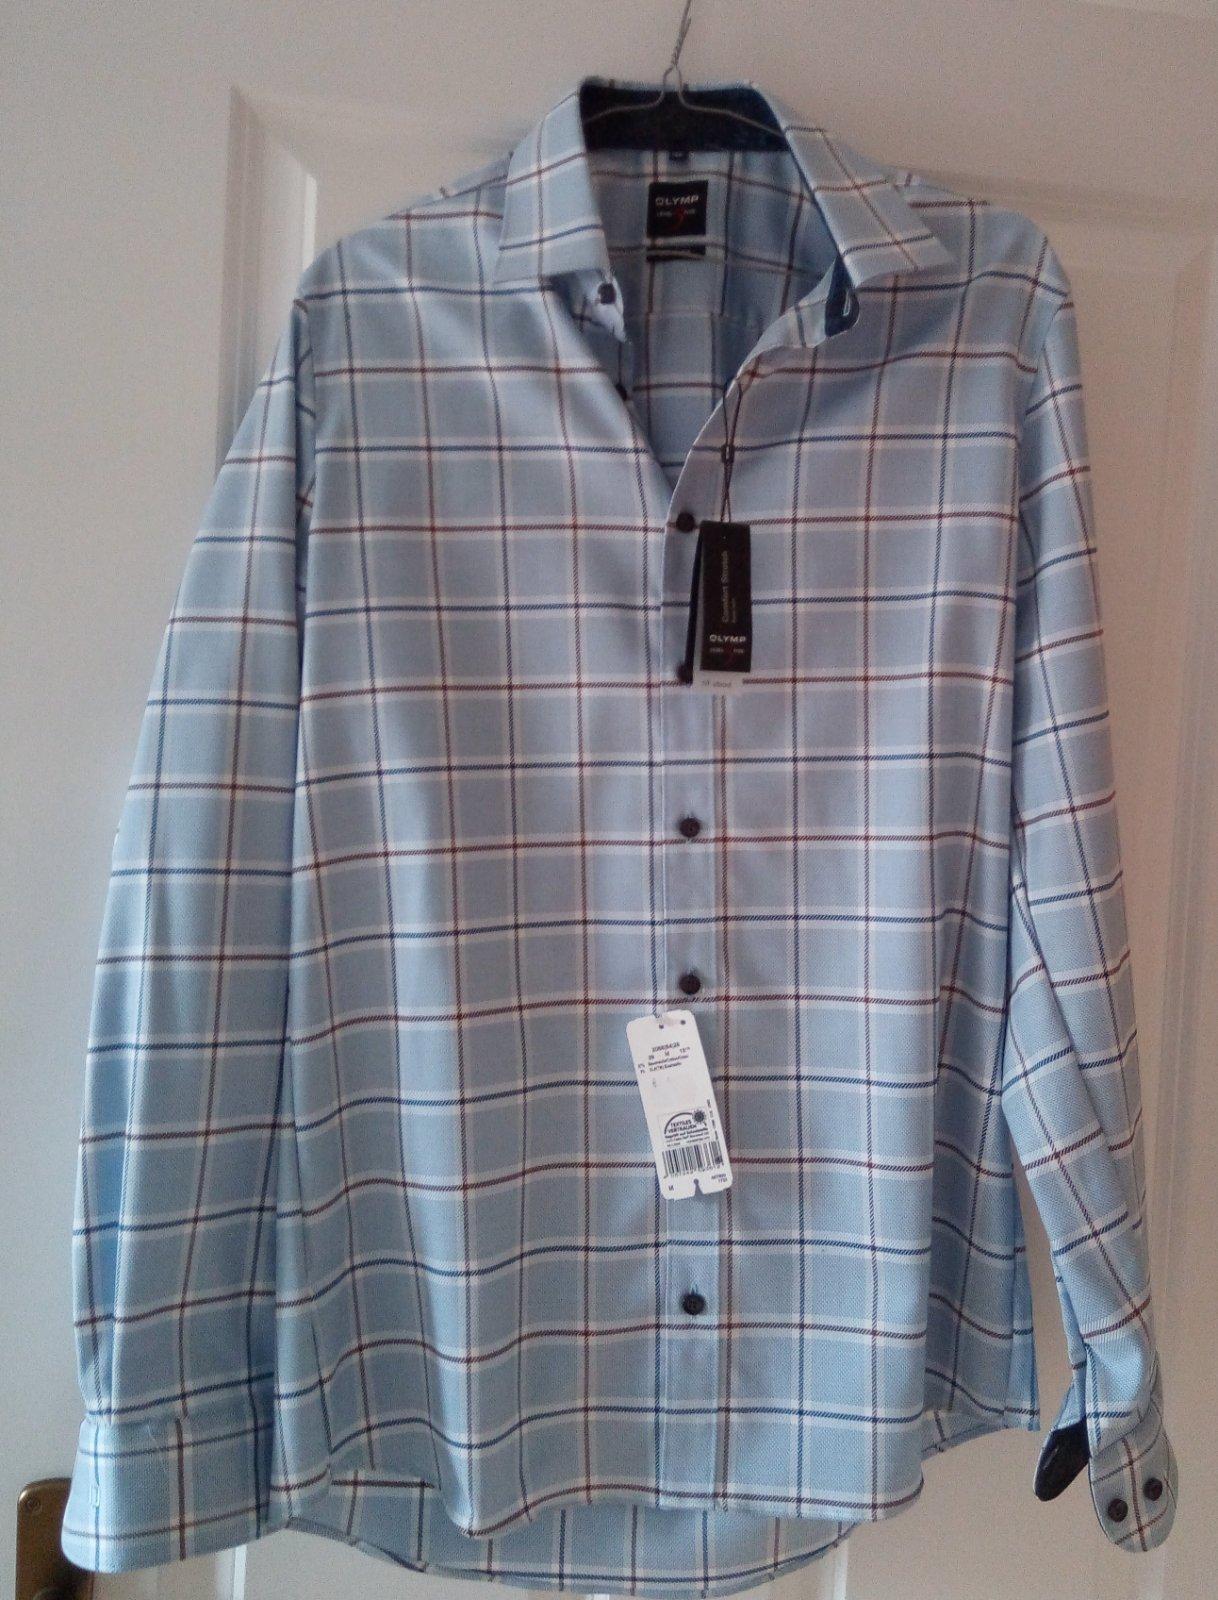 Pánska modrá károvaná košeľa 39 - Obrázok č. 1